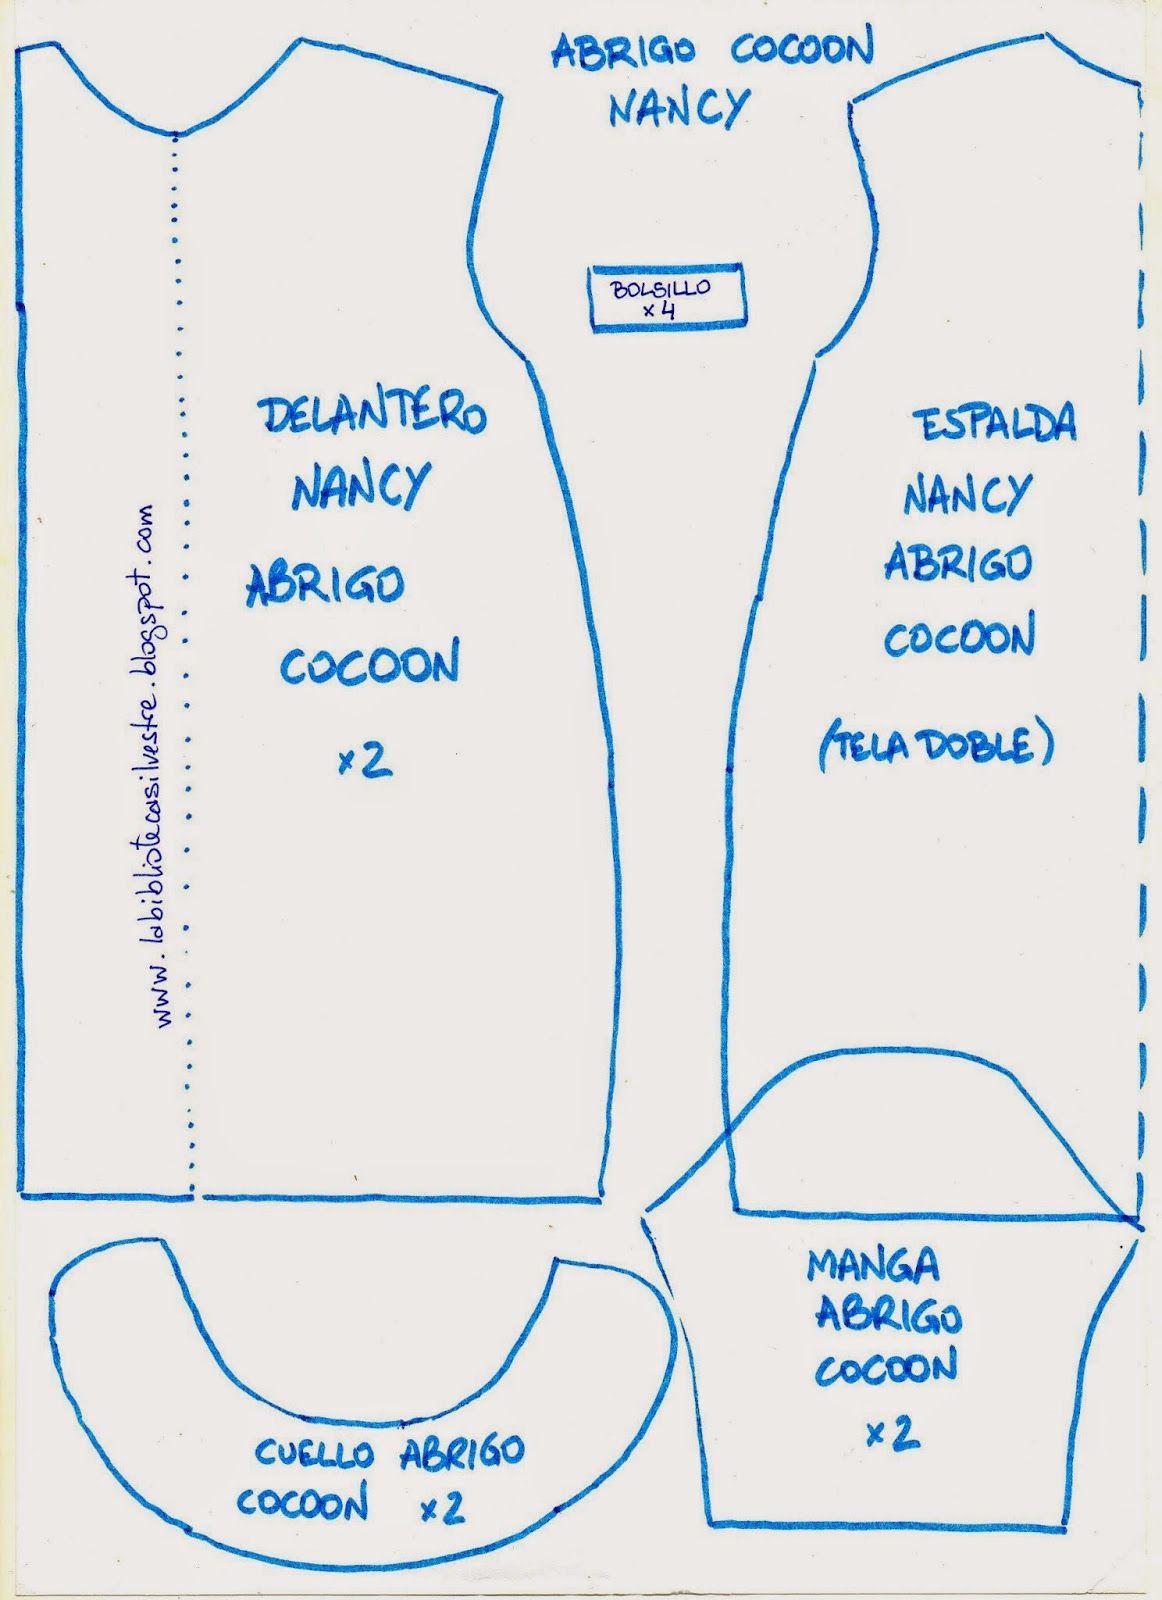 La biblioteca silvestre: Abrigo Cocoon para nancy (patrón) … | Bricolaj…